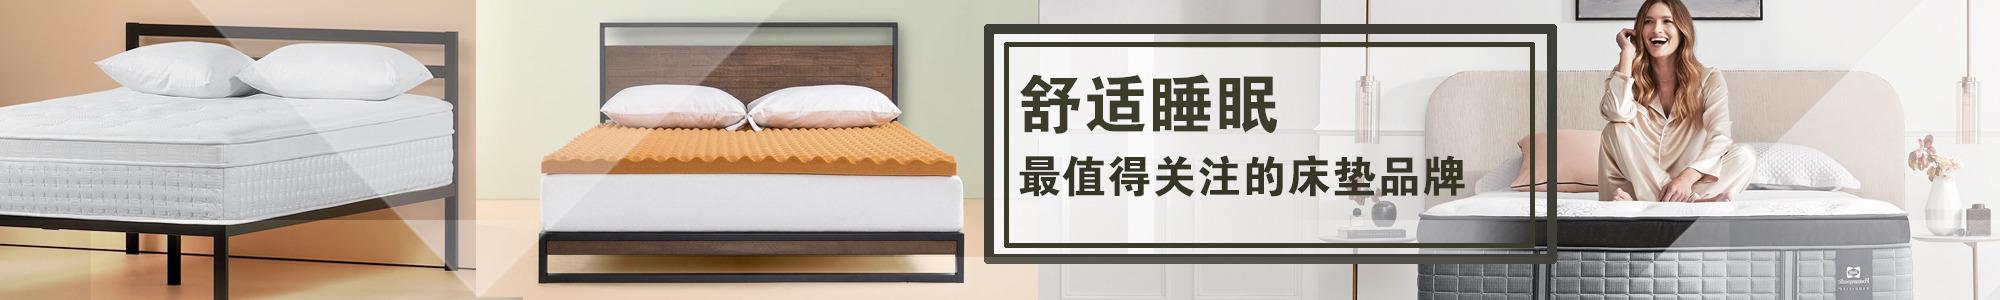 舒适睡眠--床垫